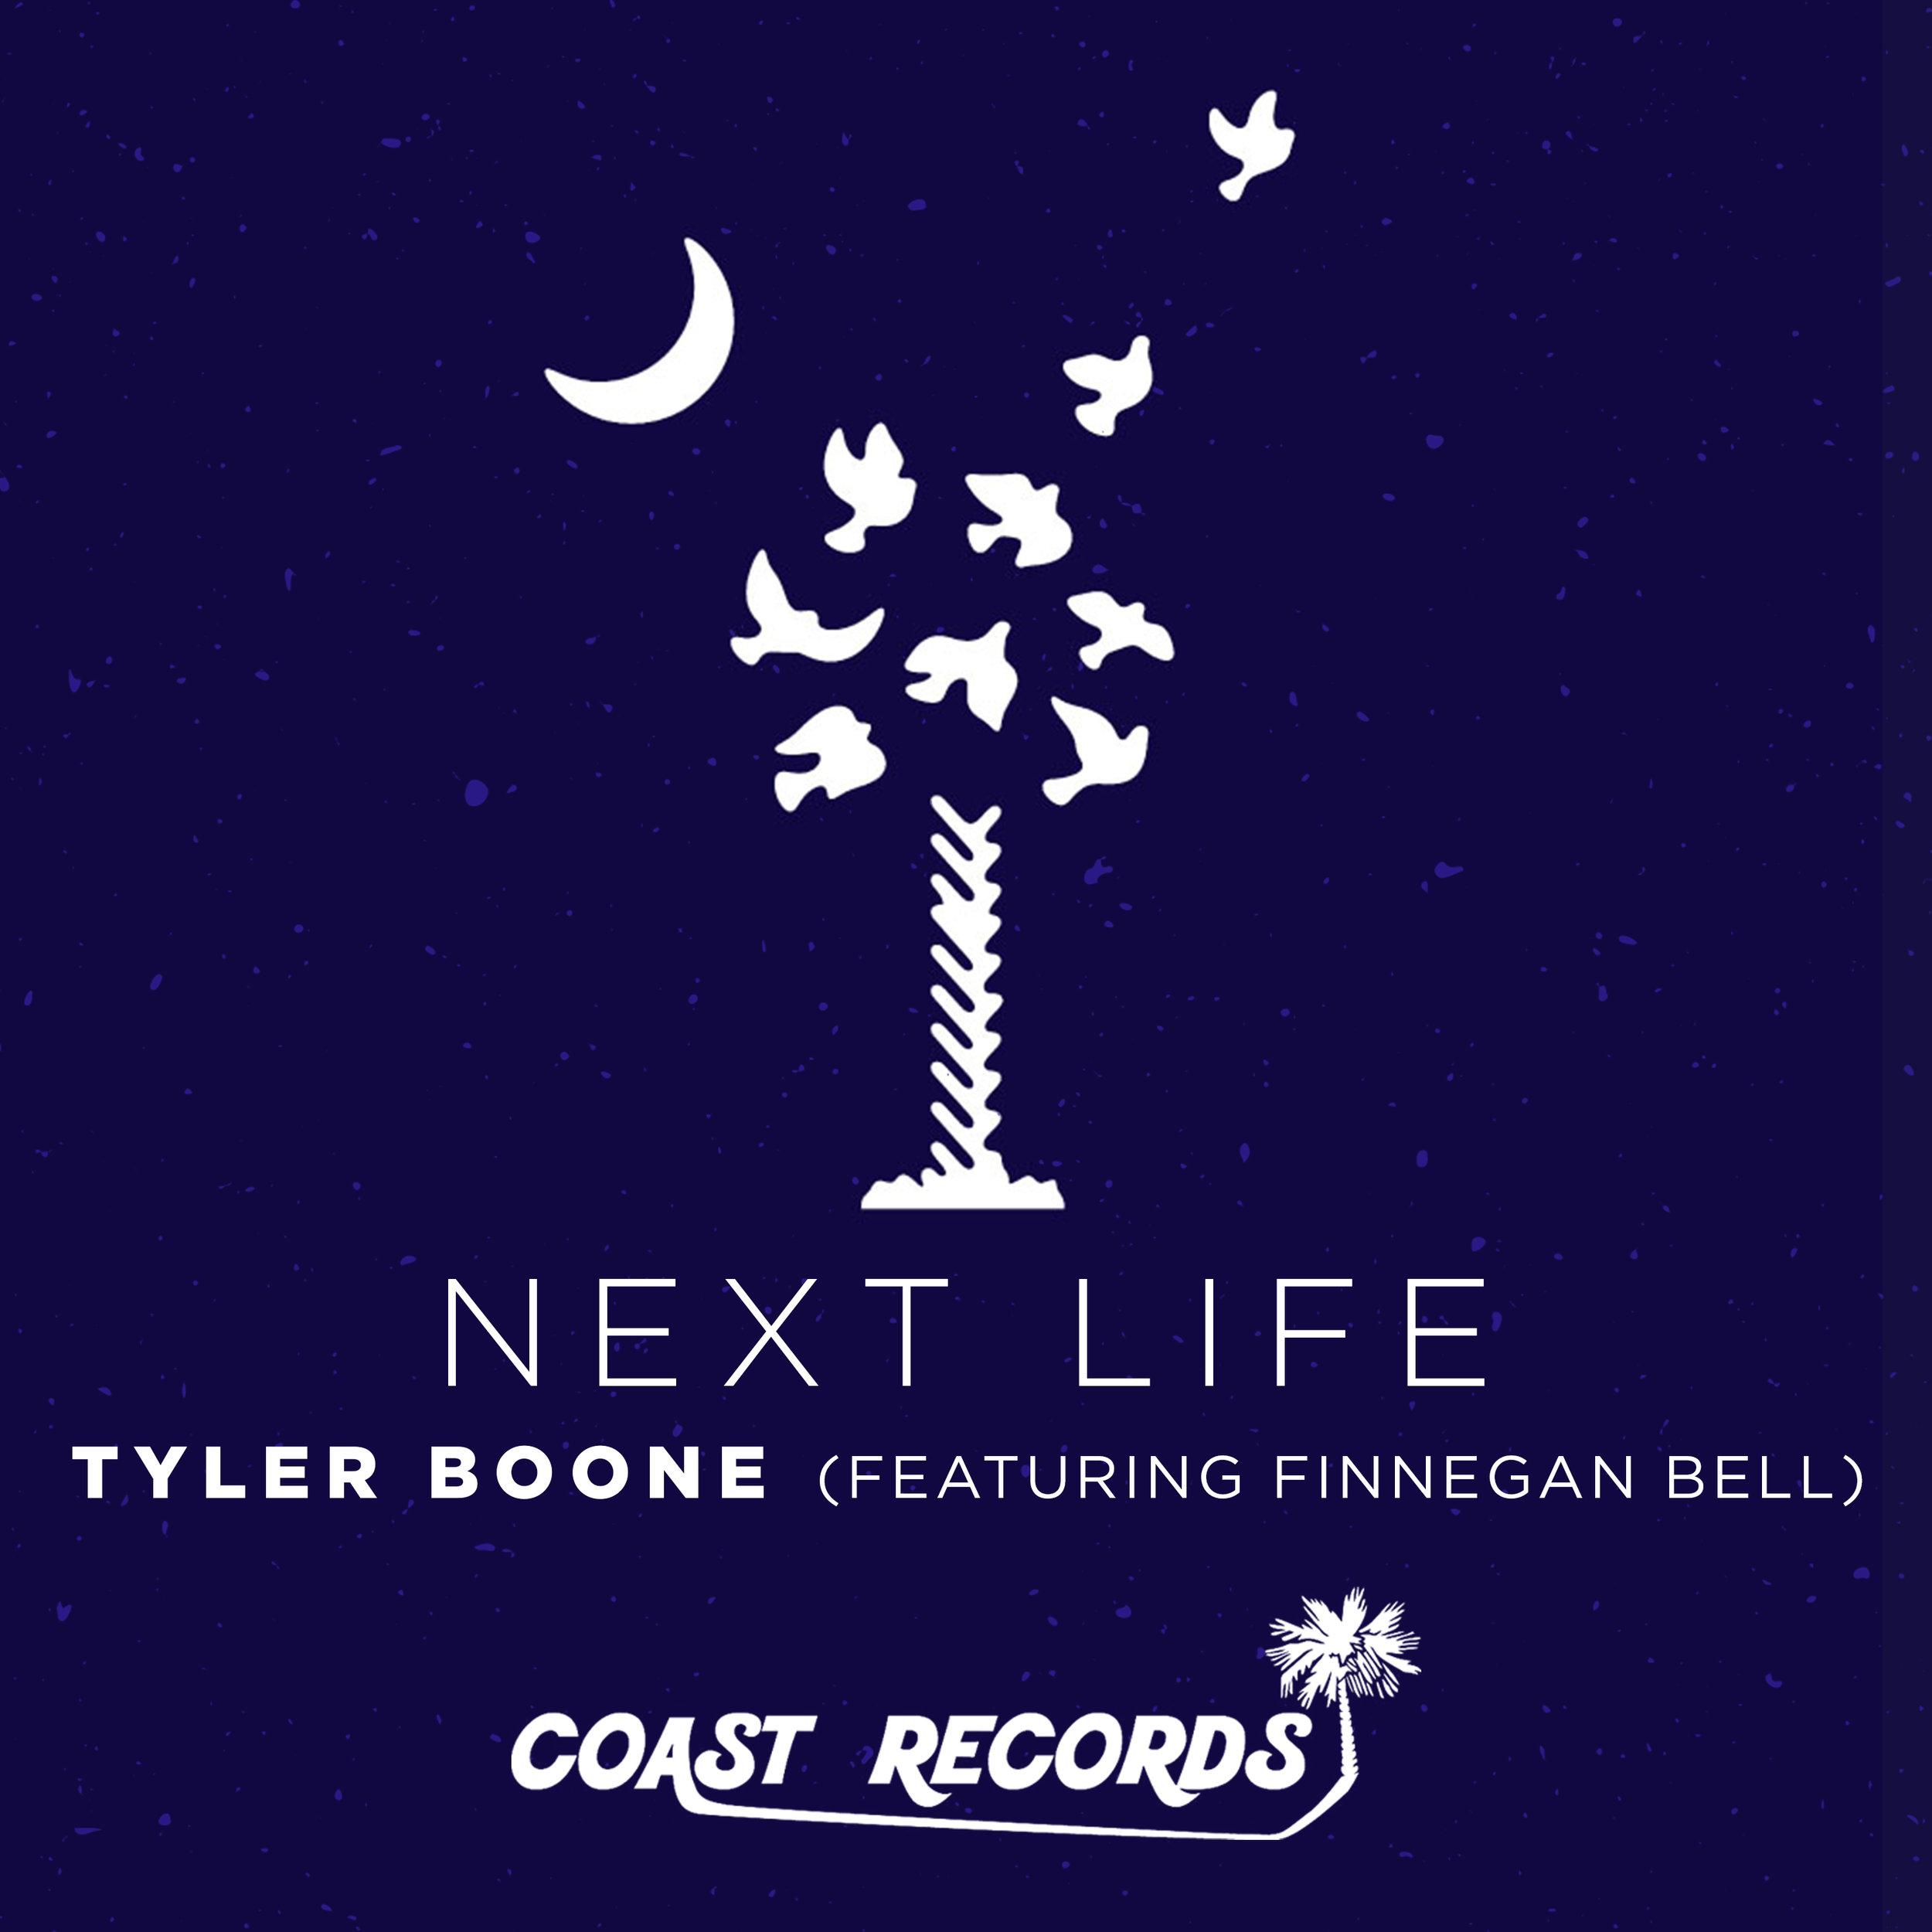 TylerBoone-NextLife-3000.jpg